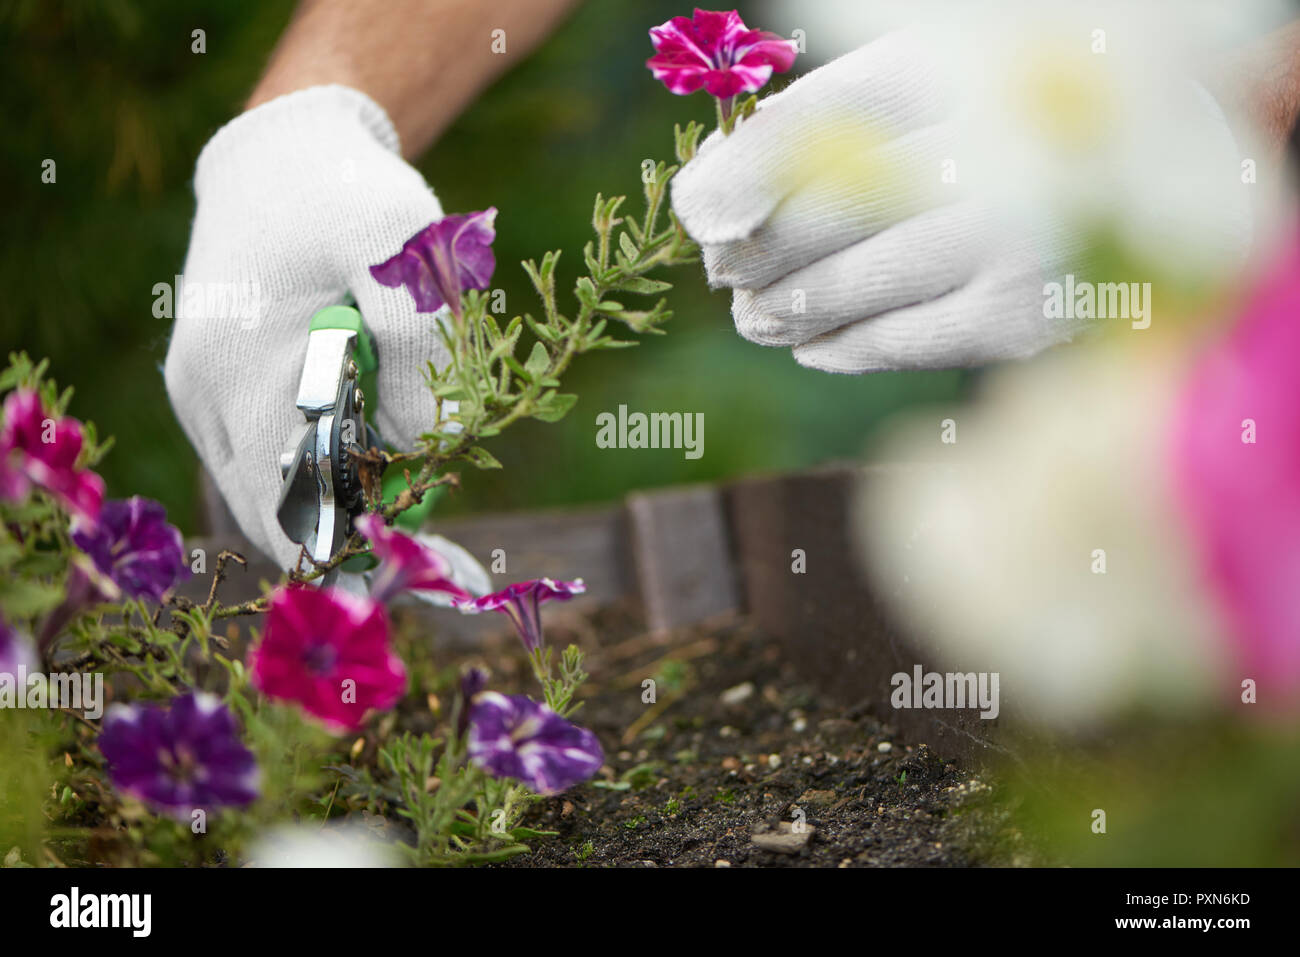 Coltivare Fiori Da Recidere chiusura del lavoratore di sesso maschile mani fiori da